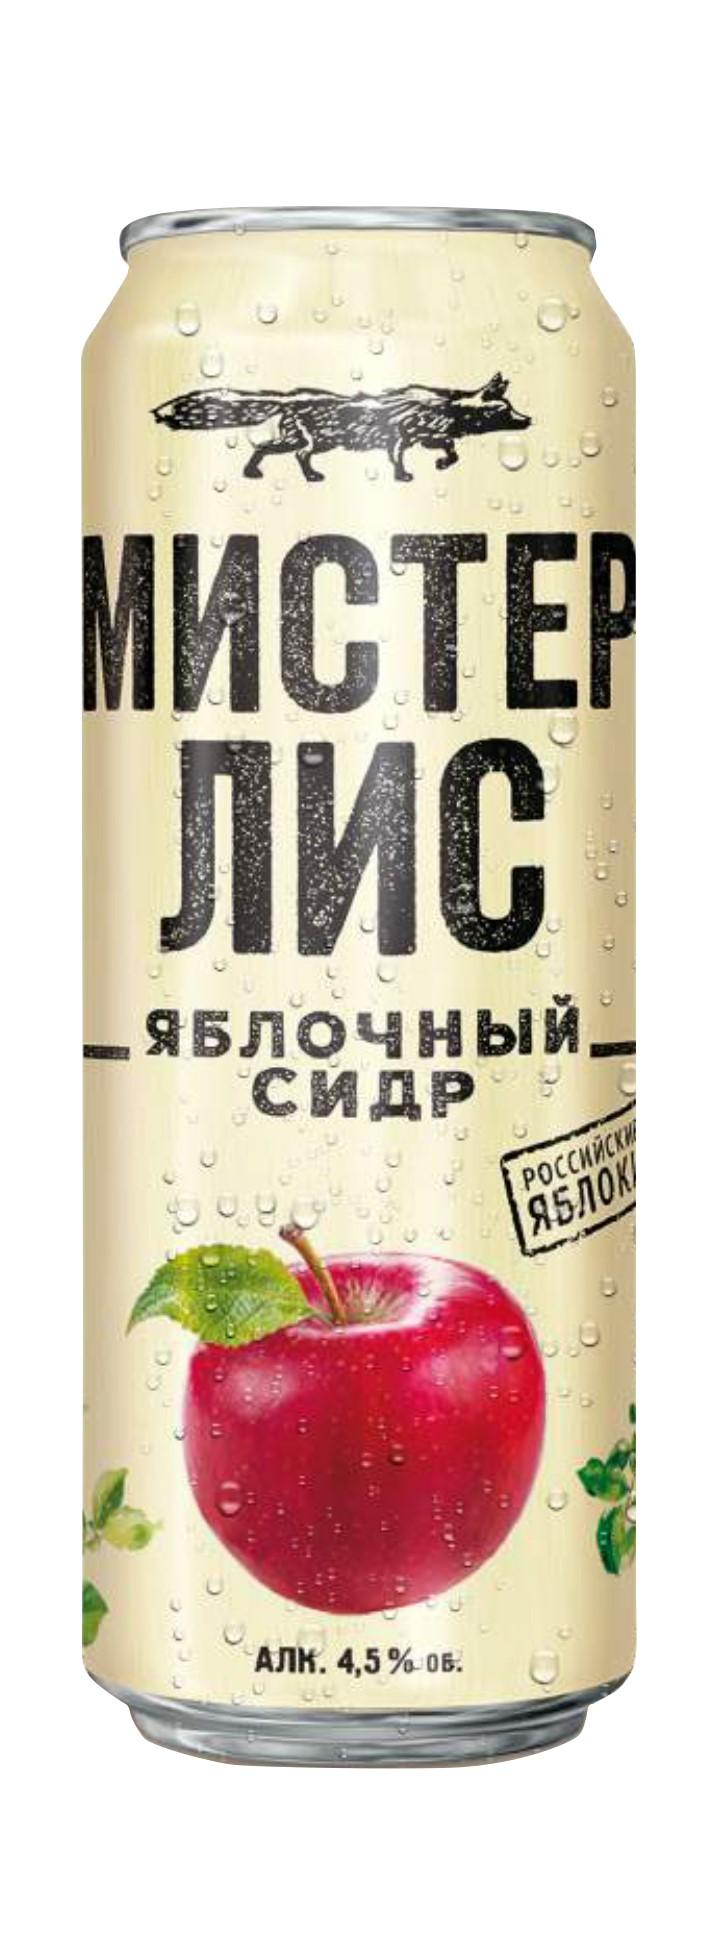 Россия. Heineken выпустил на российский рынок новый сорт яблочного сидра – «Мистер Лис»